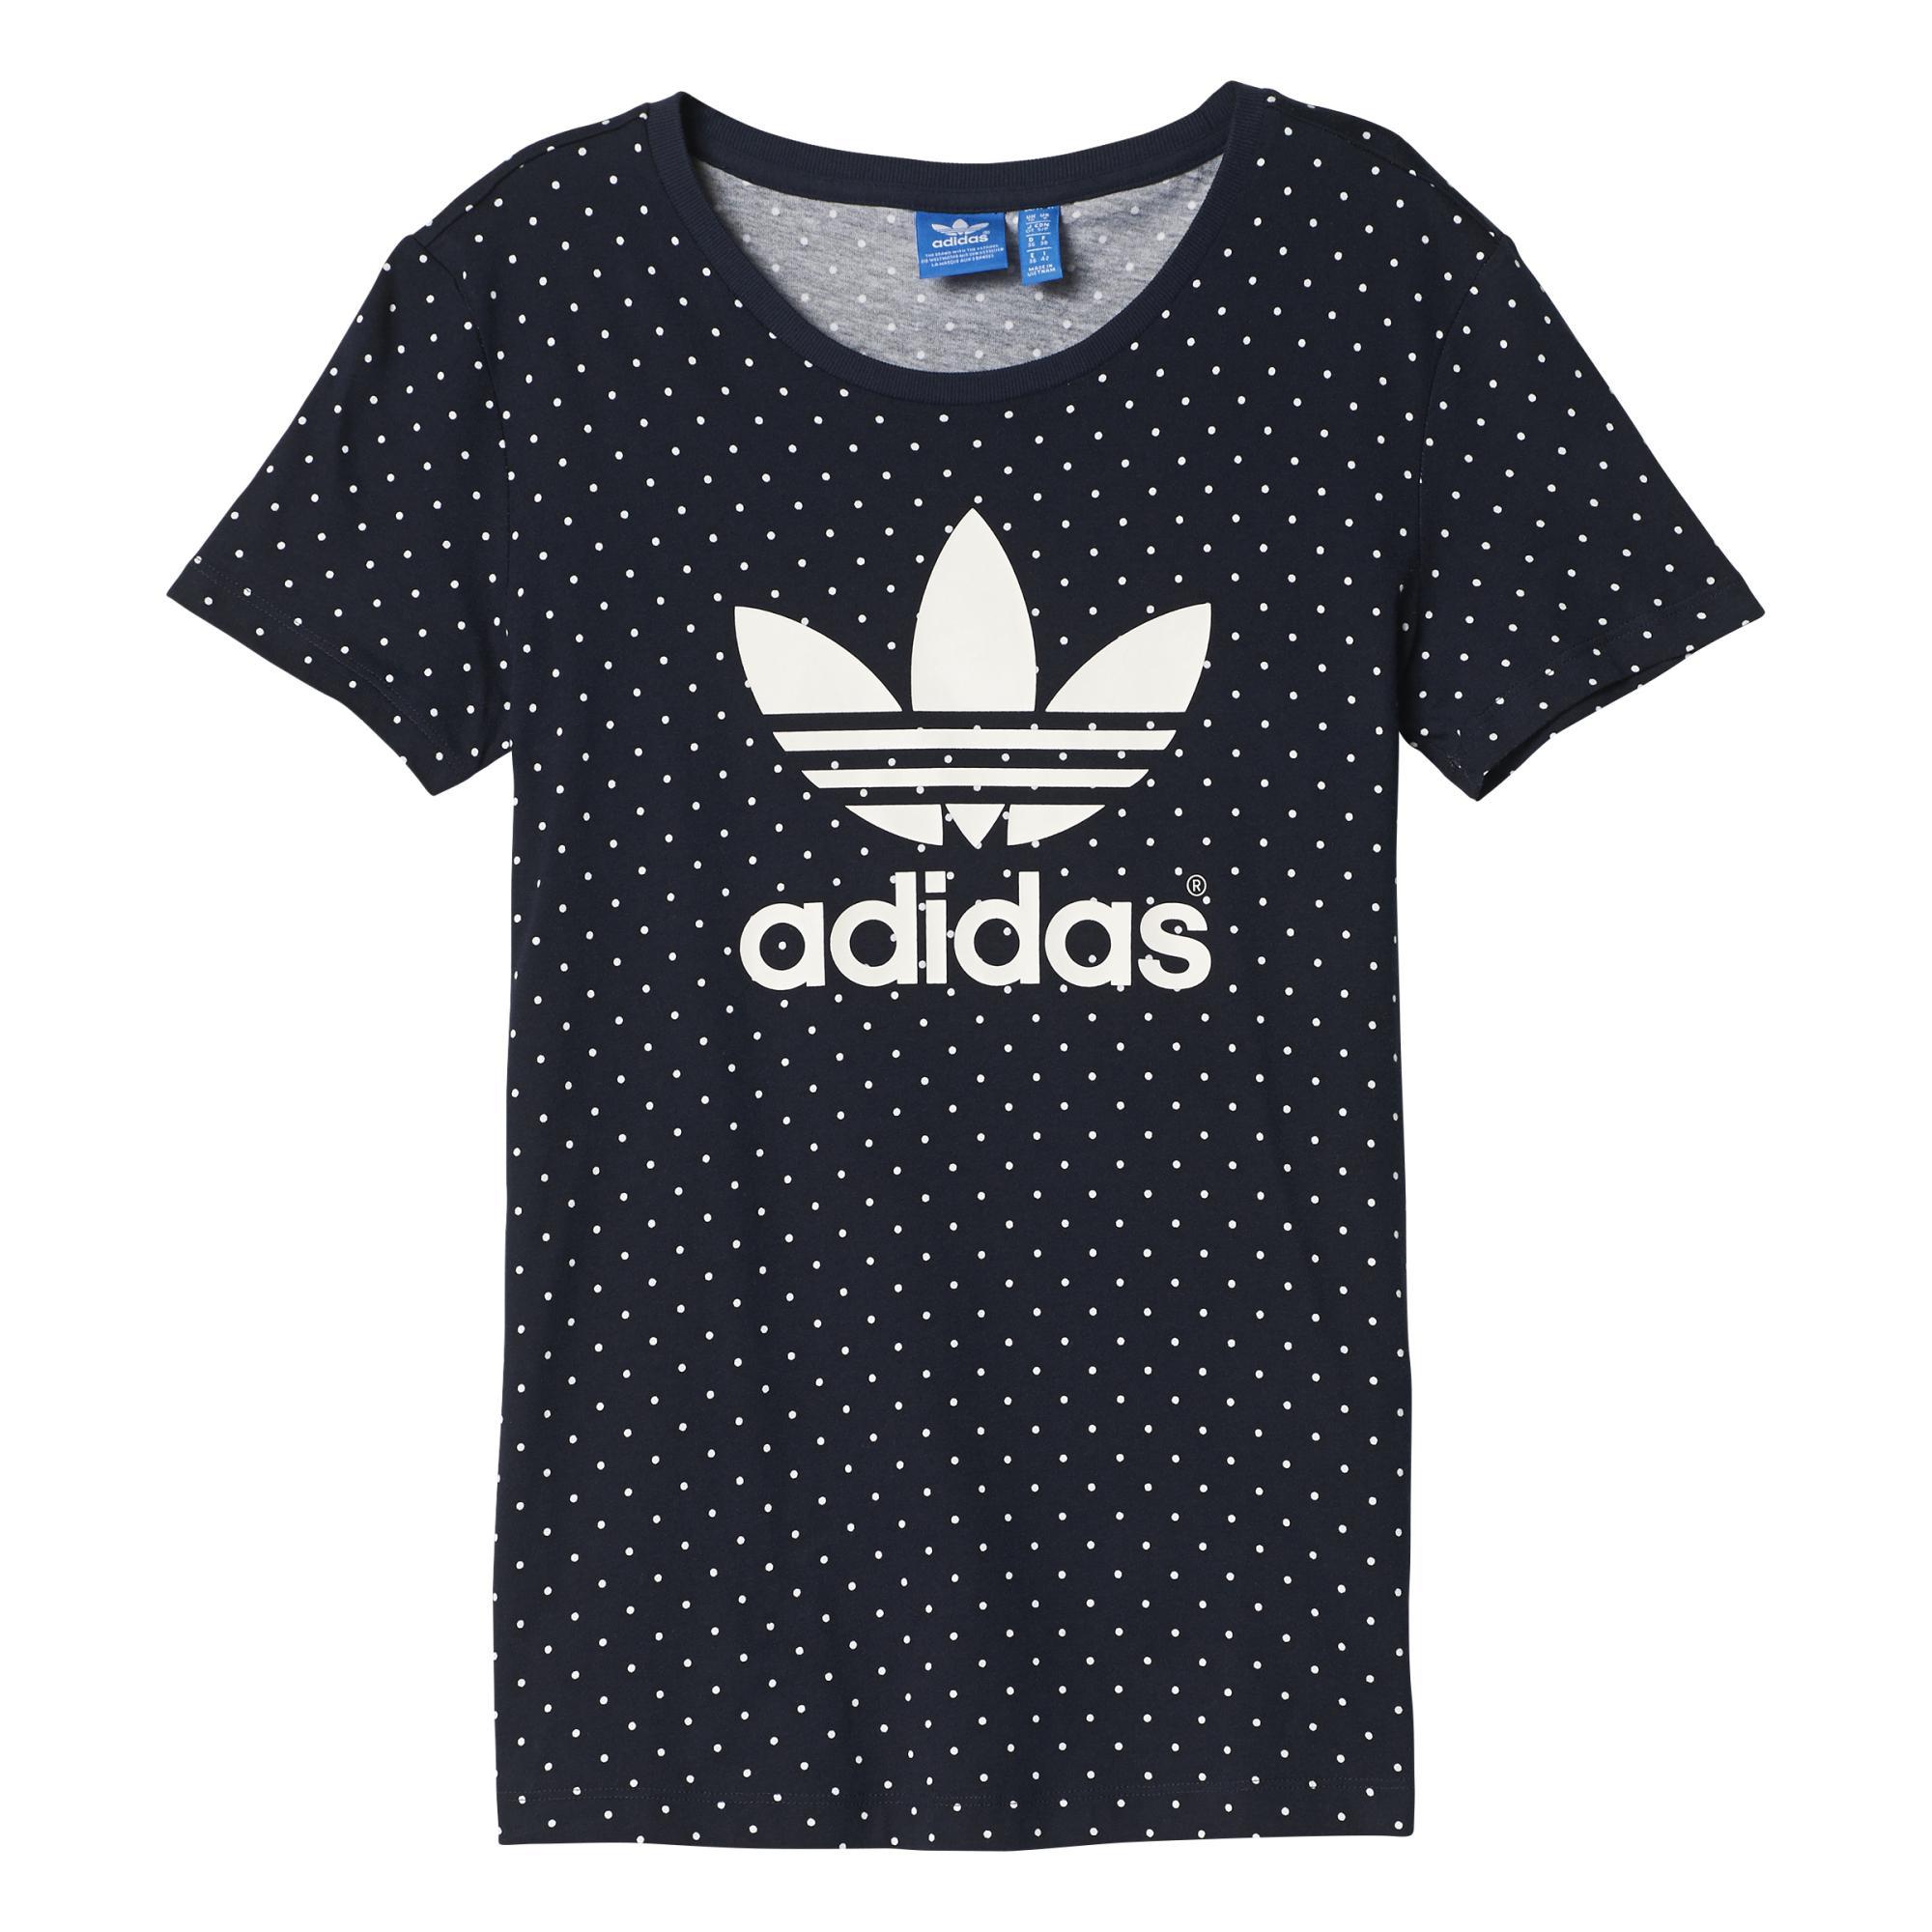 Kilómetros Retirada Anunciante  camiseta adidas lunares baratas - Descuentos de hasta el OFF62%